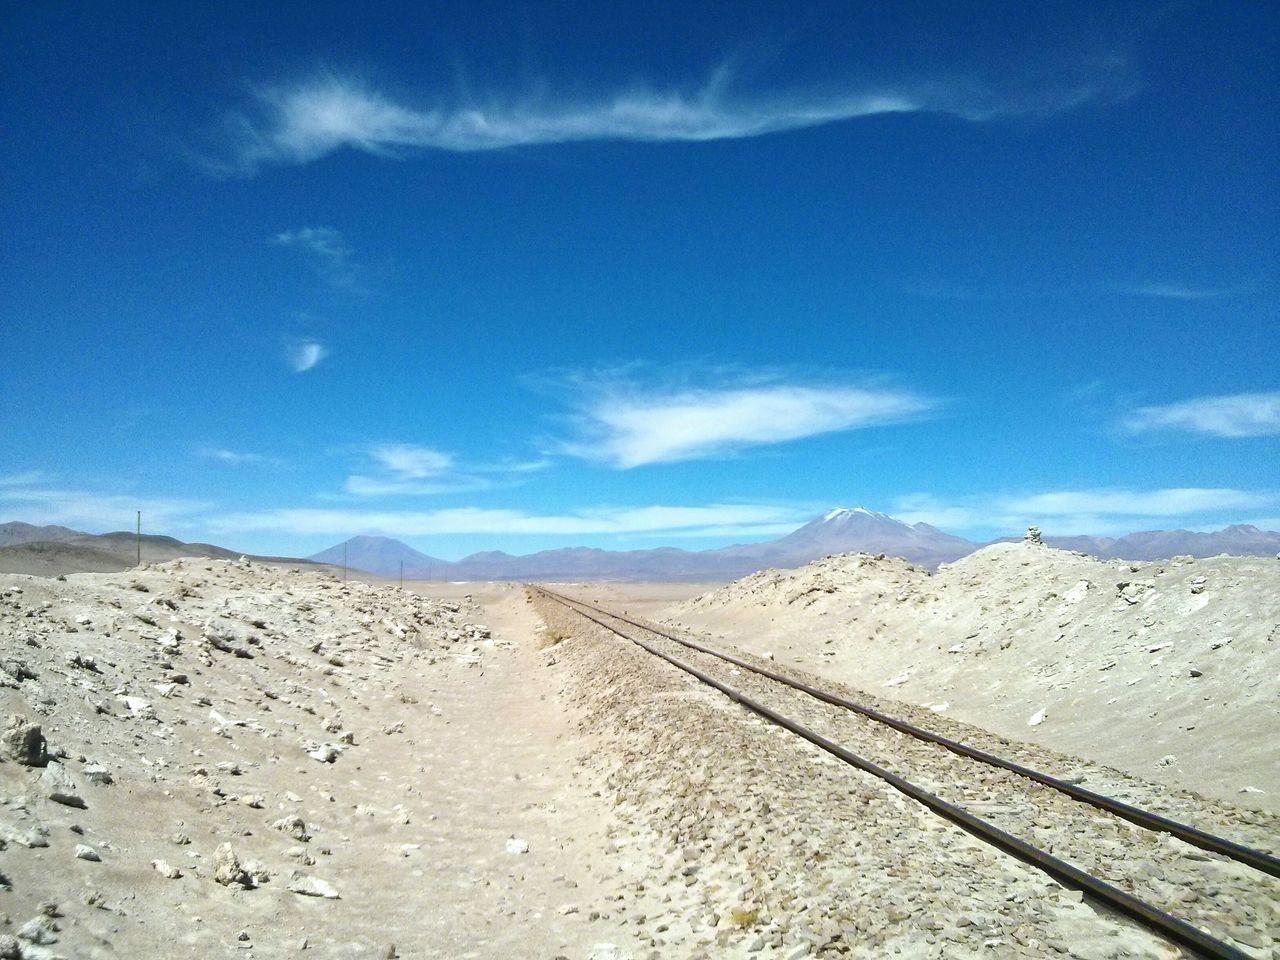 Railroad Track In Desert Against Blue Sky